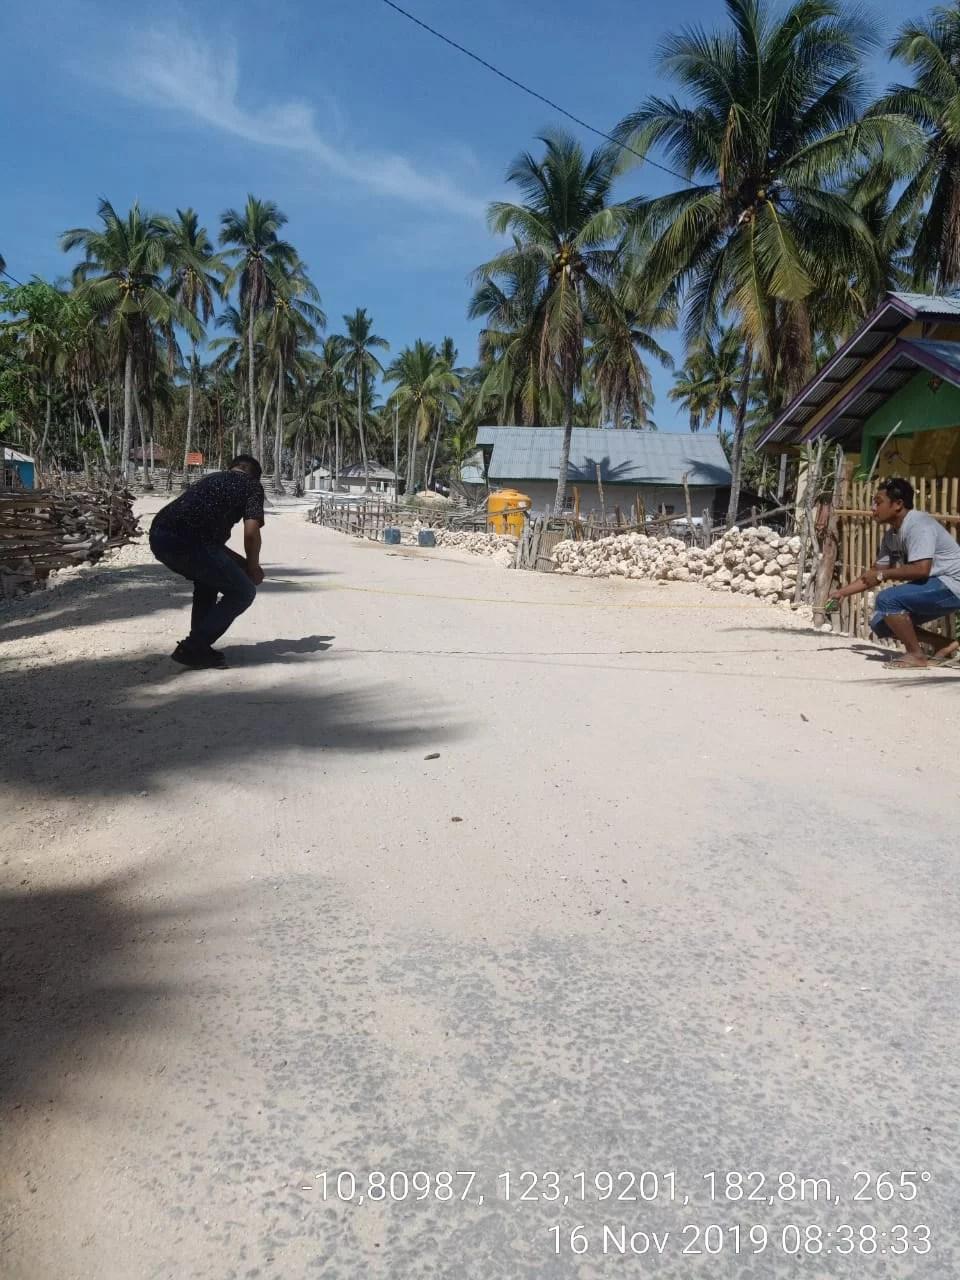 Dikerjakan Tenaga Honorer Pemkab, Proyek Jalan dan Rabat Beton di Rote Ndao Dipertanyakan